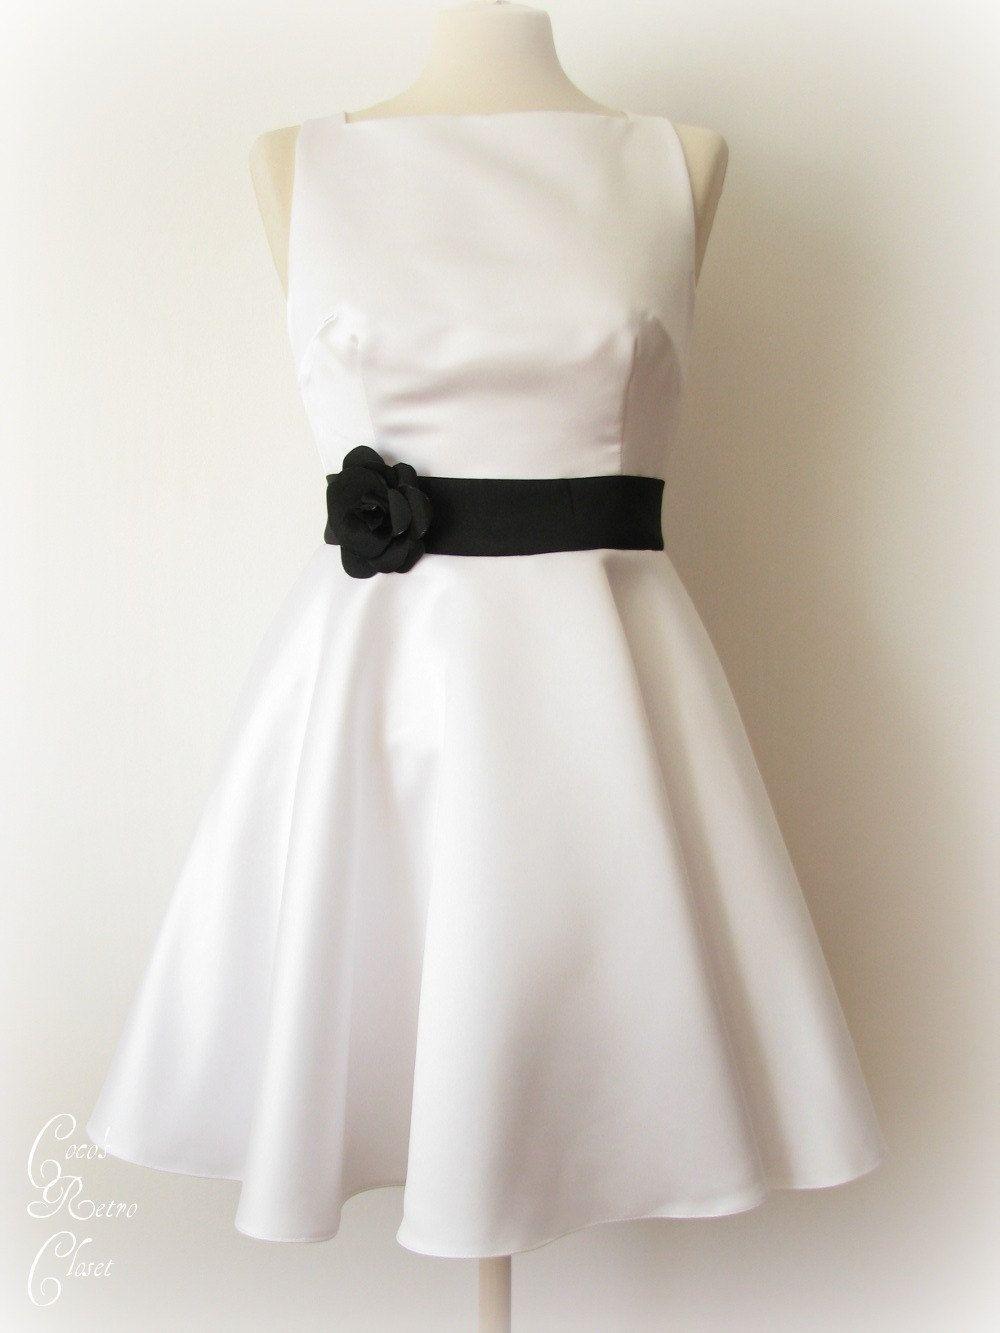 Us us style sleeveless full skirt dress tresore in love